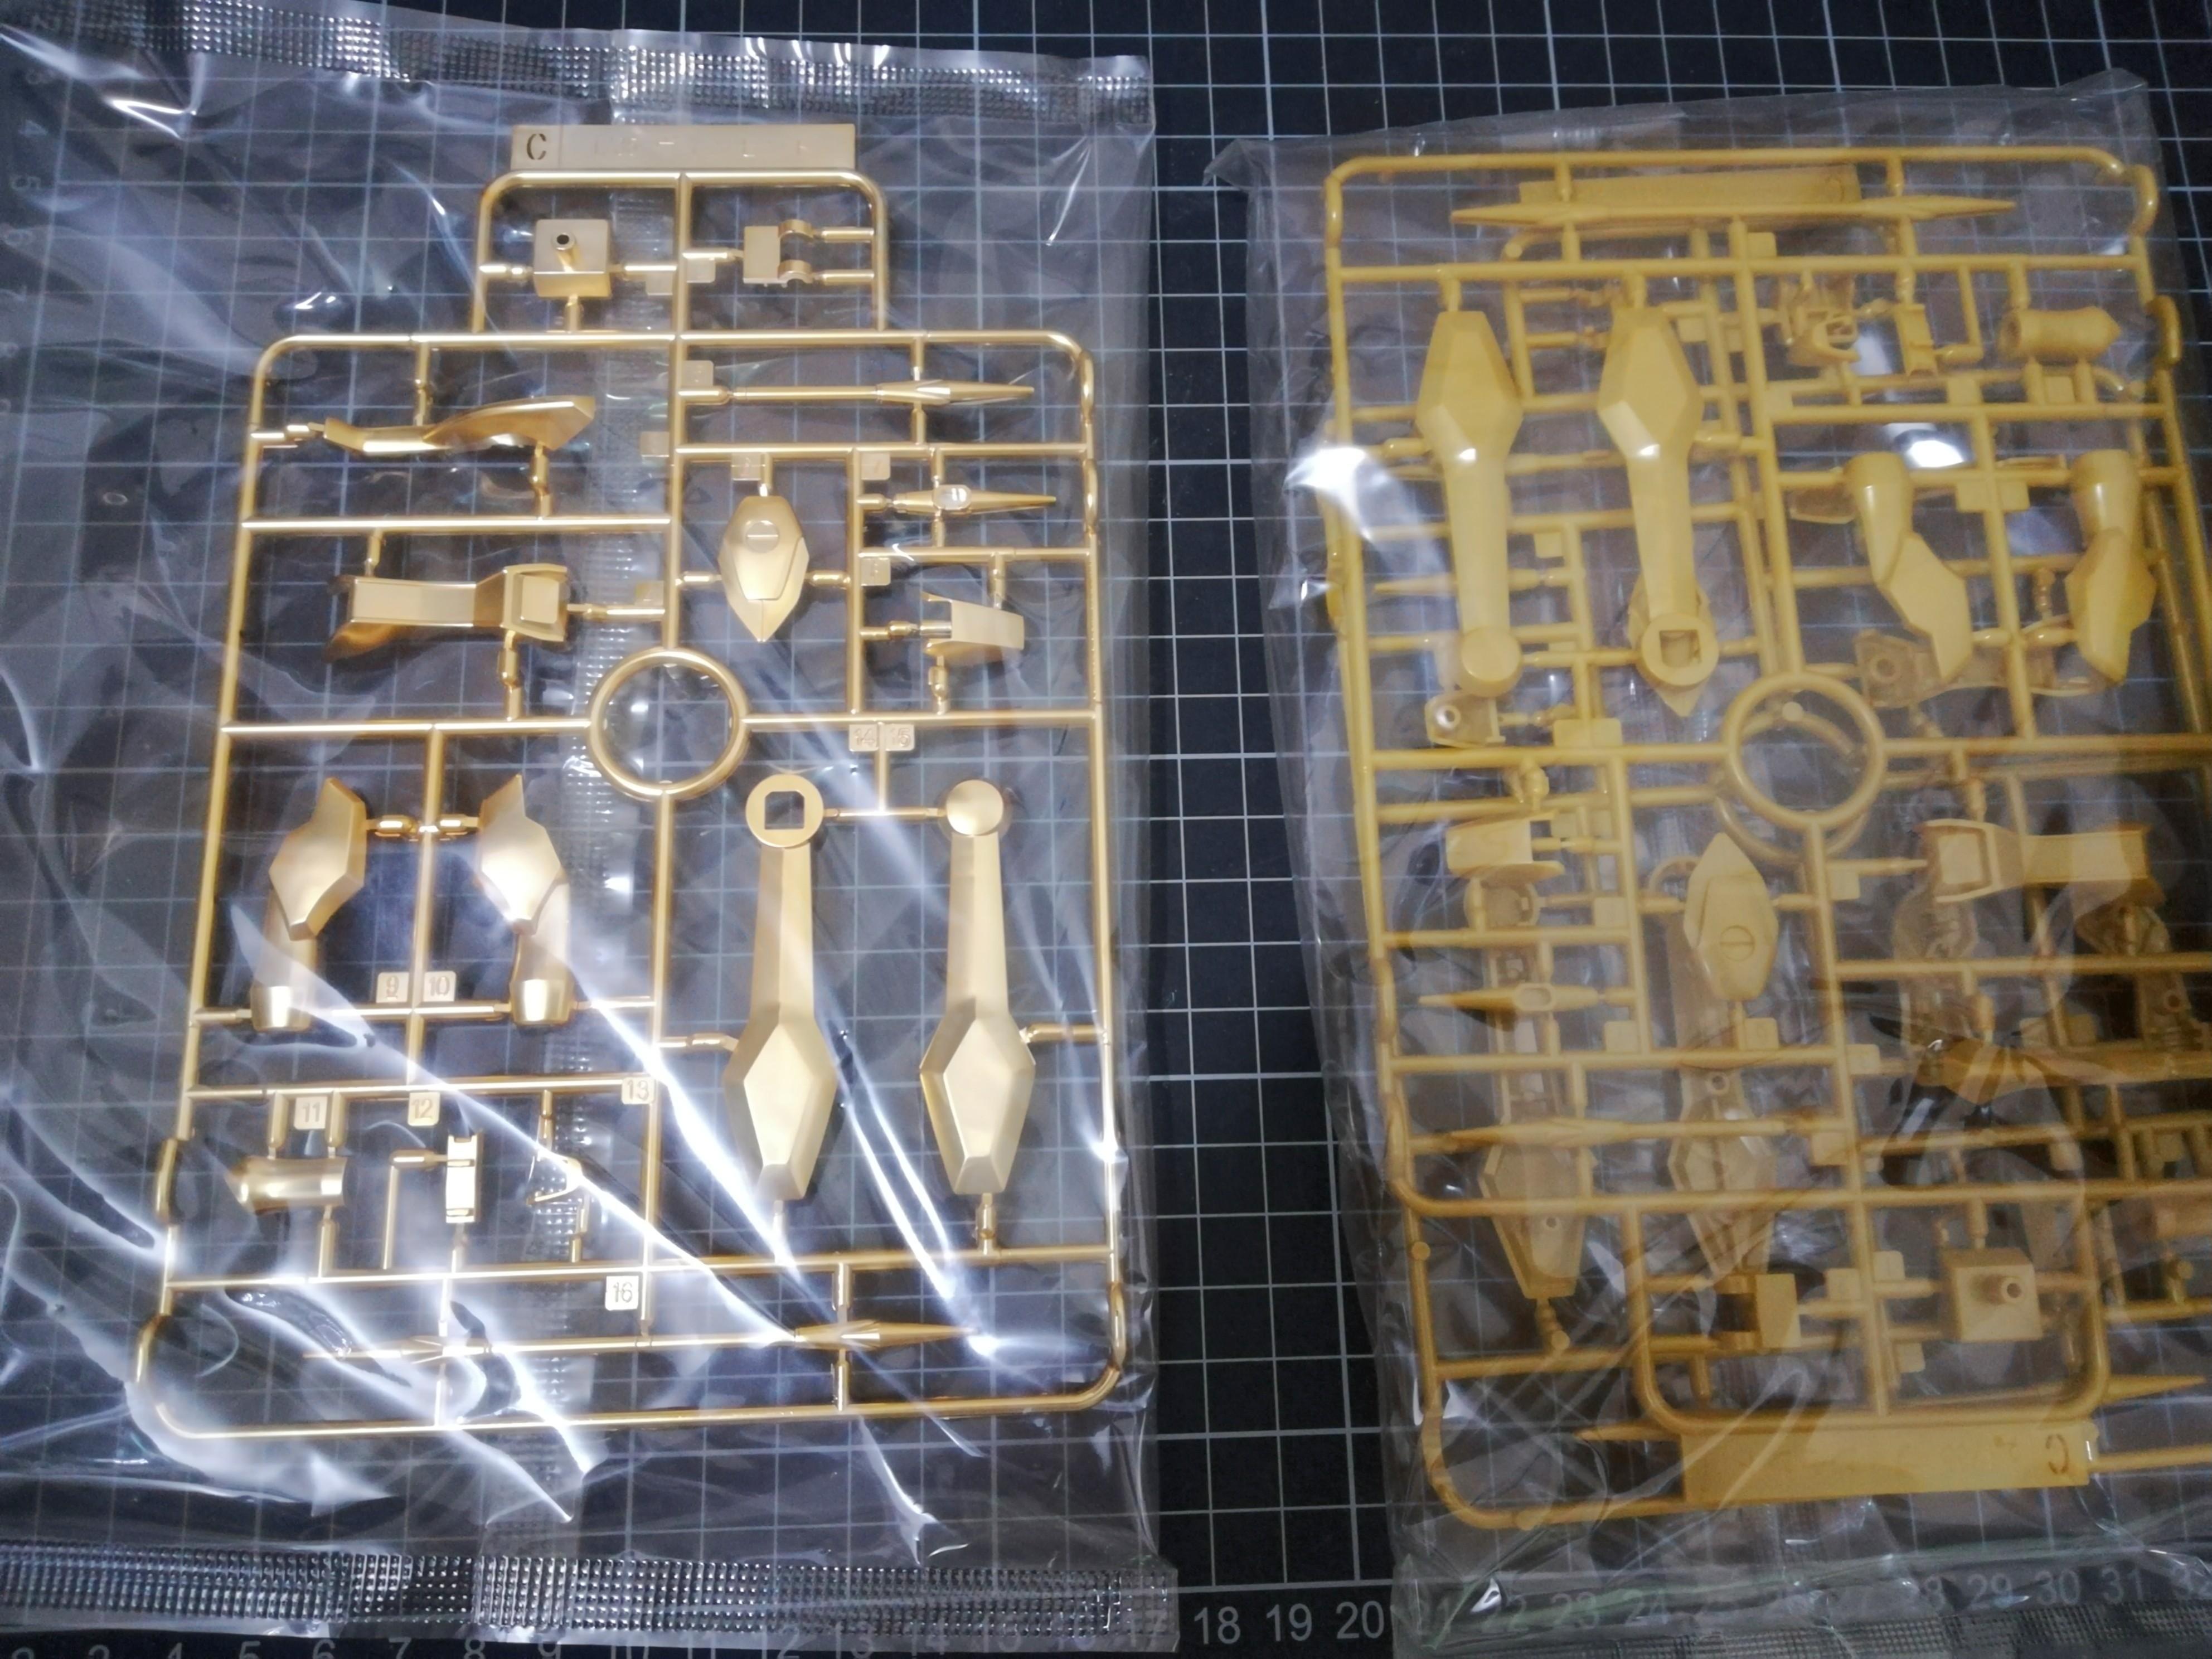 叛逆的魯魯修 / 反叛的魯路修 模型